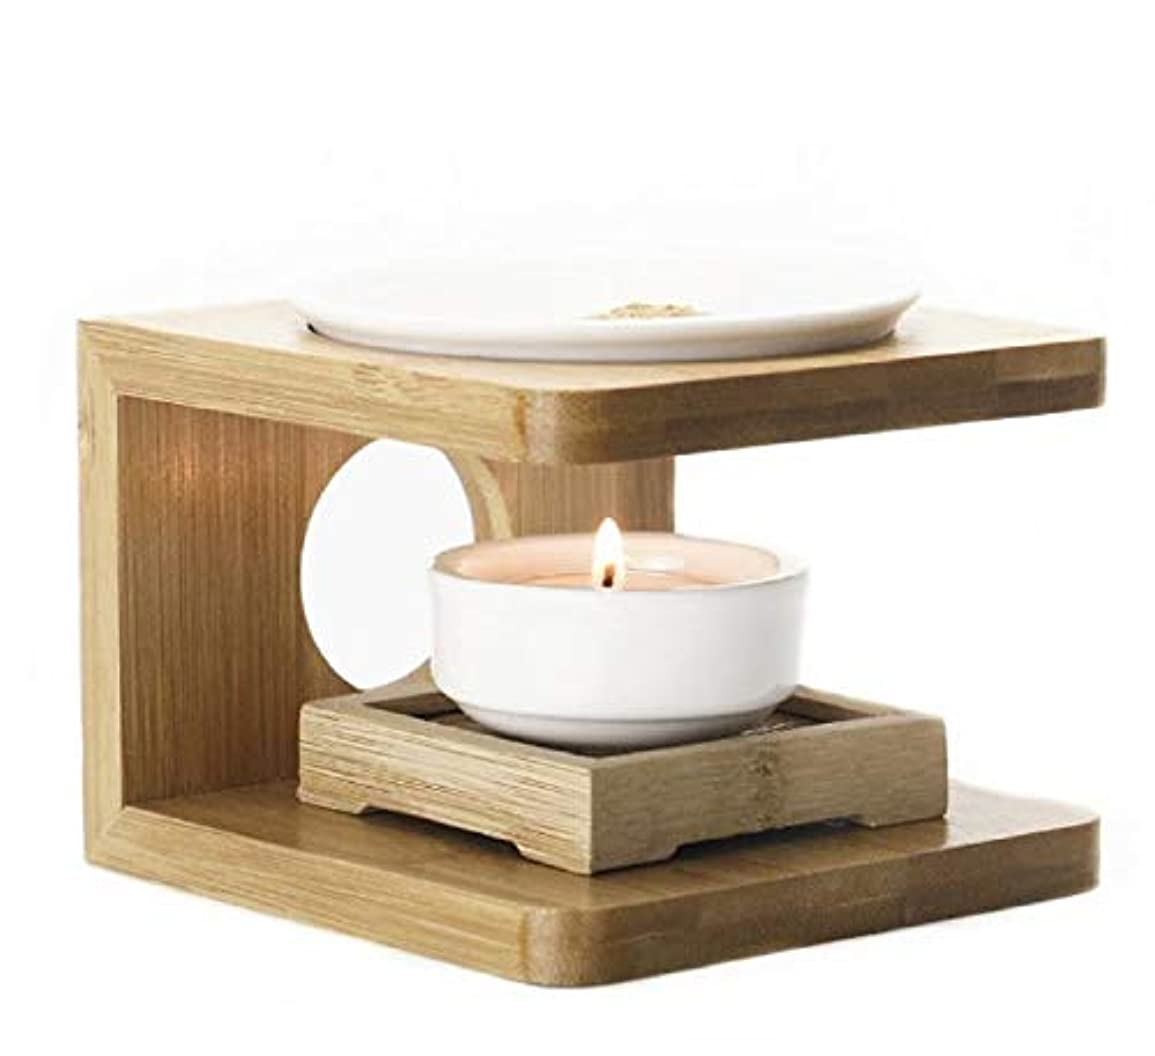 農学安定しましたパイント茶香炉 陶器茶香炉 茶こうろ 茶 インテリア お祝い最適なプレゼント 茶香炉 陶器茶香炉 アロマ炉 茶こうろ お茶 MGC JAPAN TRADE